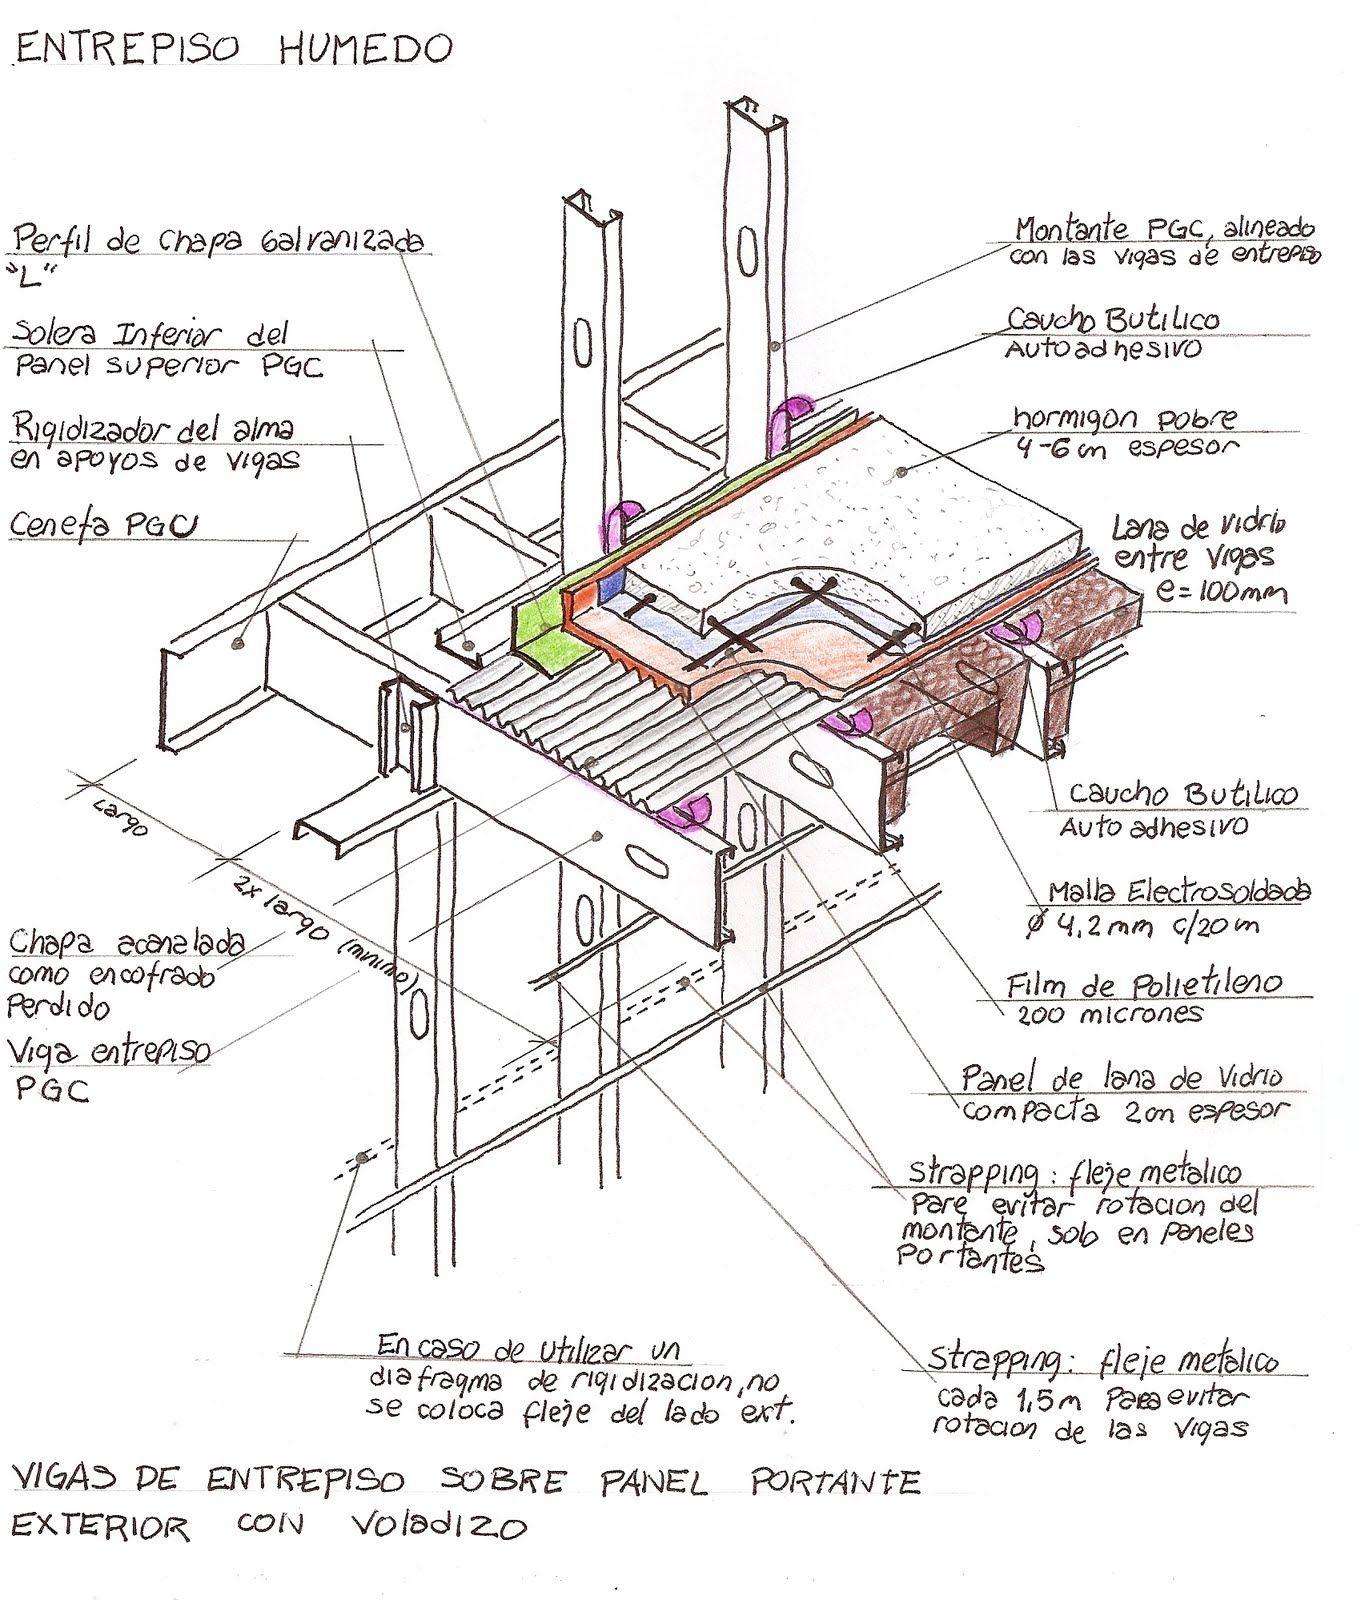 Steel Framing   detalles constructivos   Pinterest   Zeichnungen